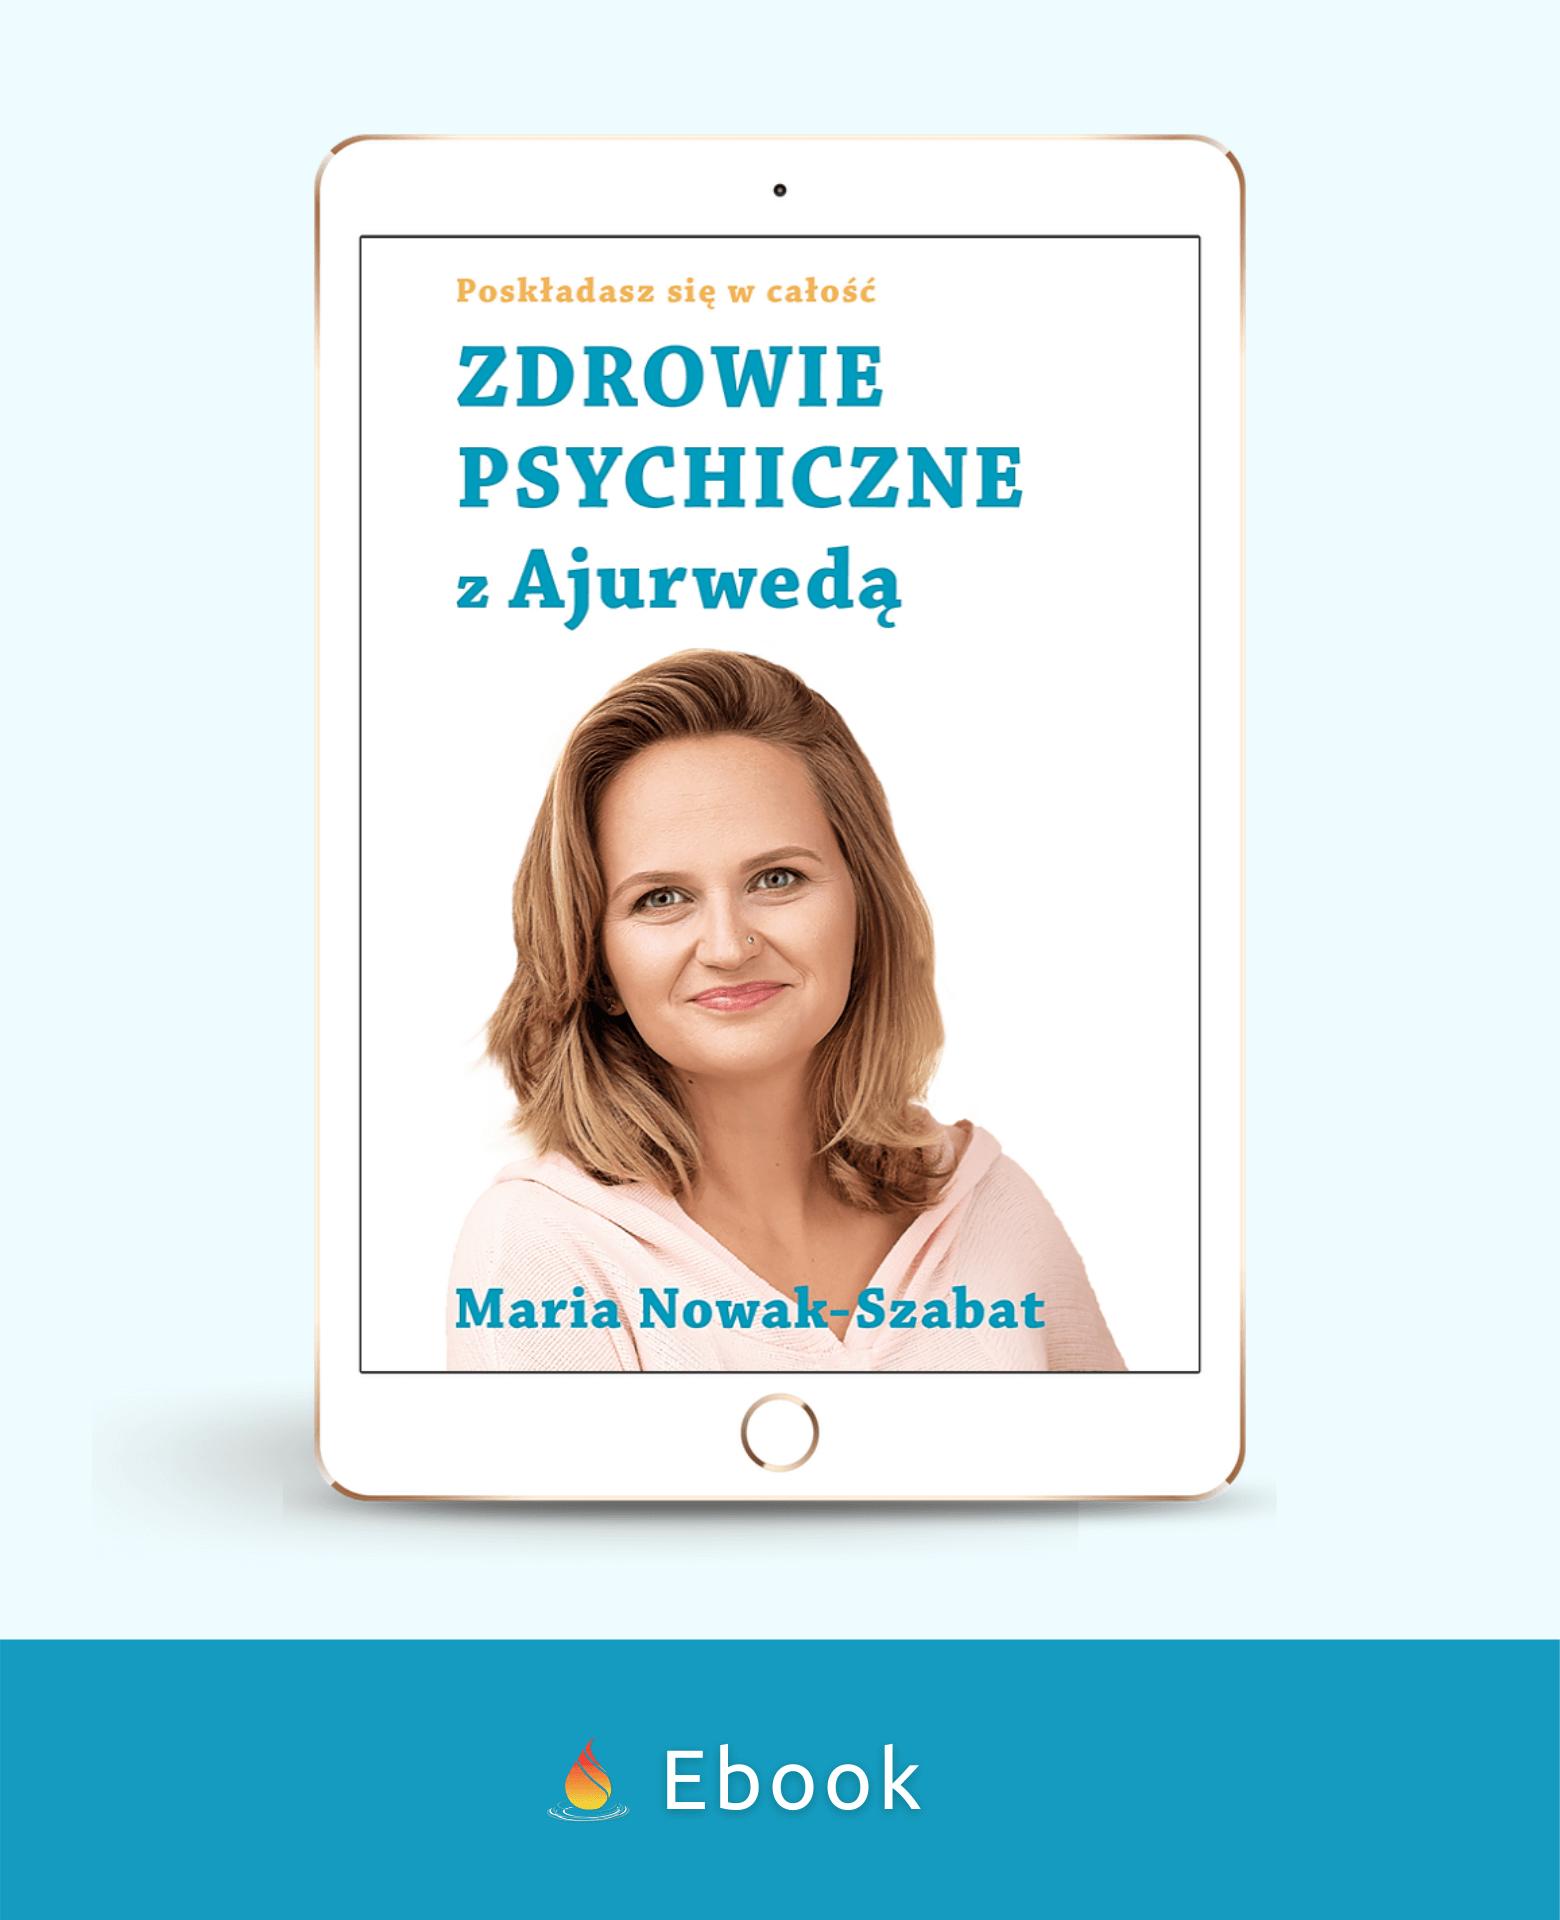 Zdrowie psychicznez Ajurwedą II edycja ebook